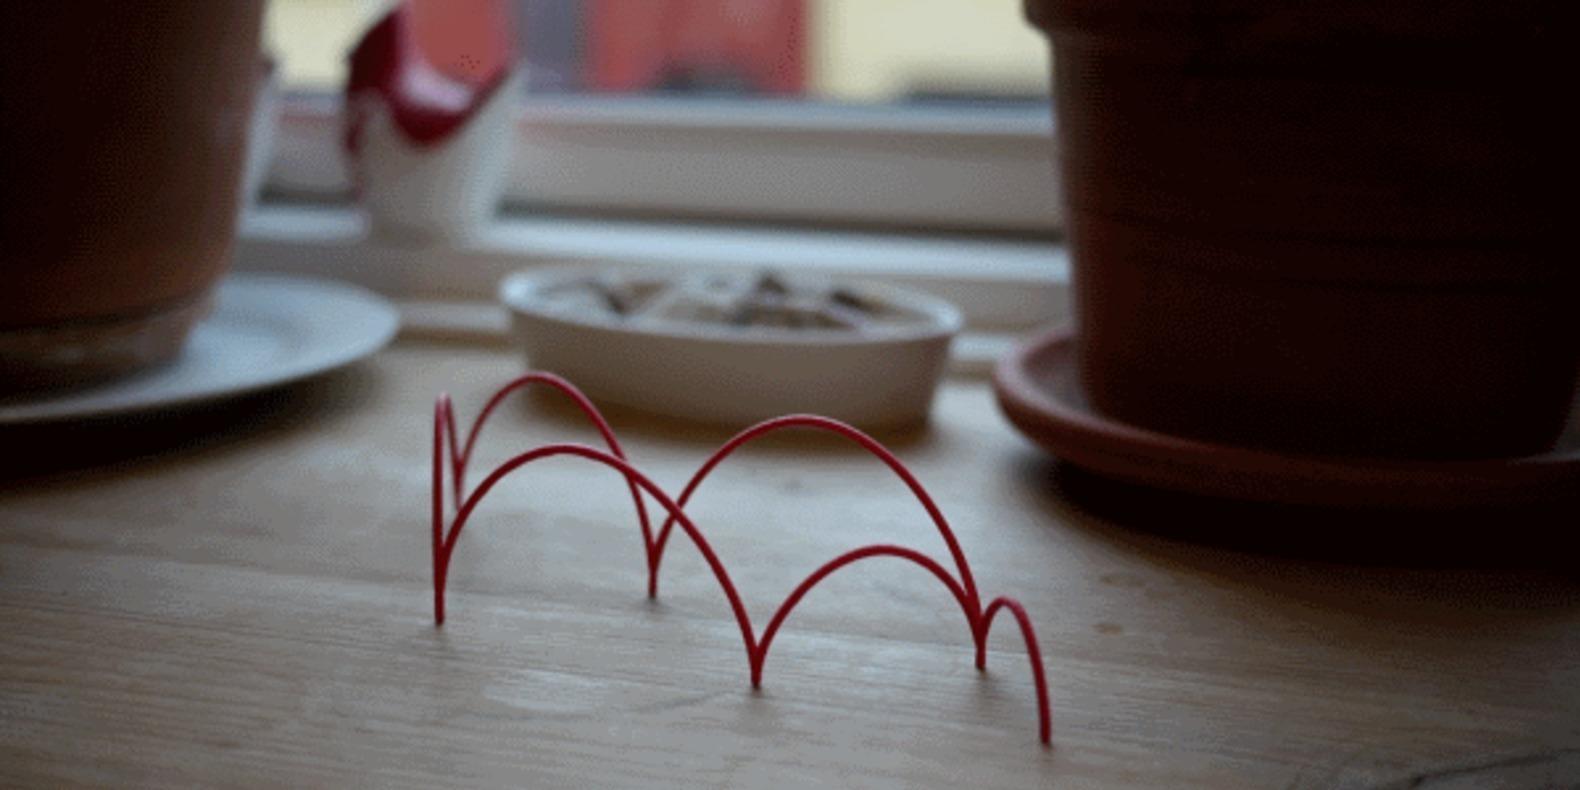 loci fichier 3D 3D printing andrew spits cults imprimante 3D impression 3D tripit travel 6